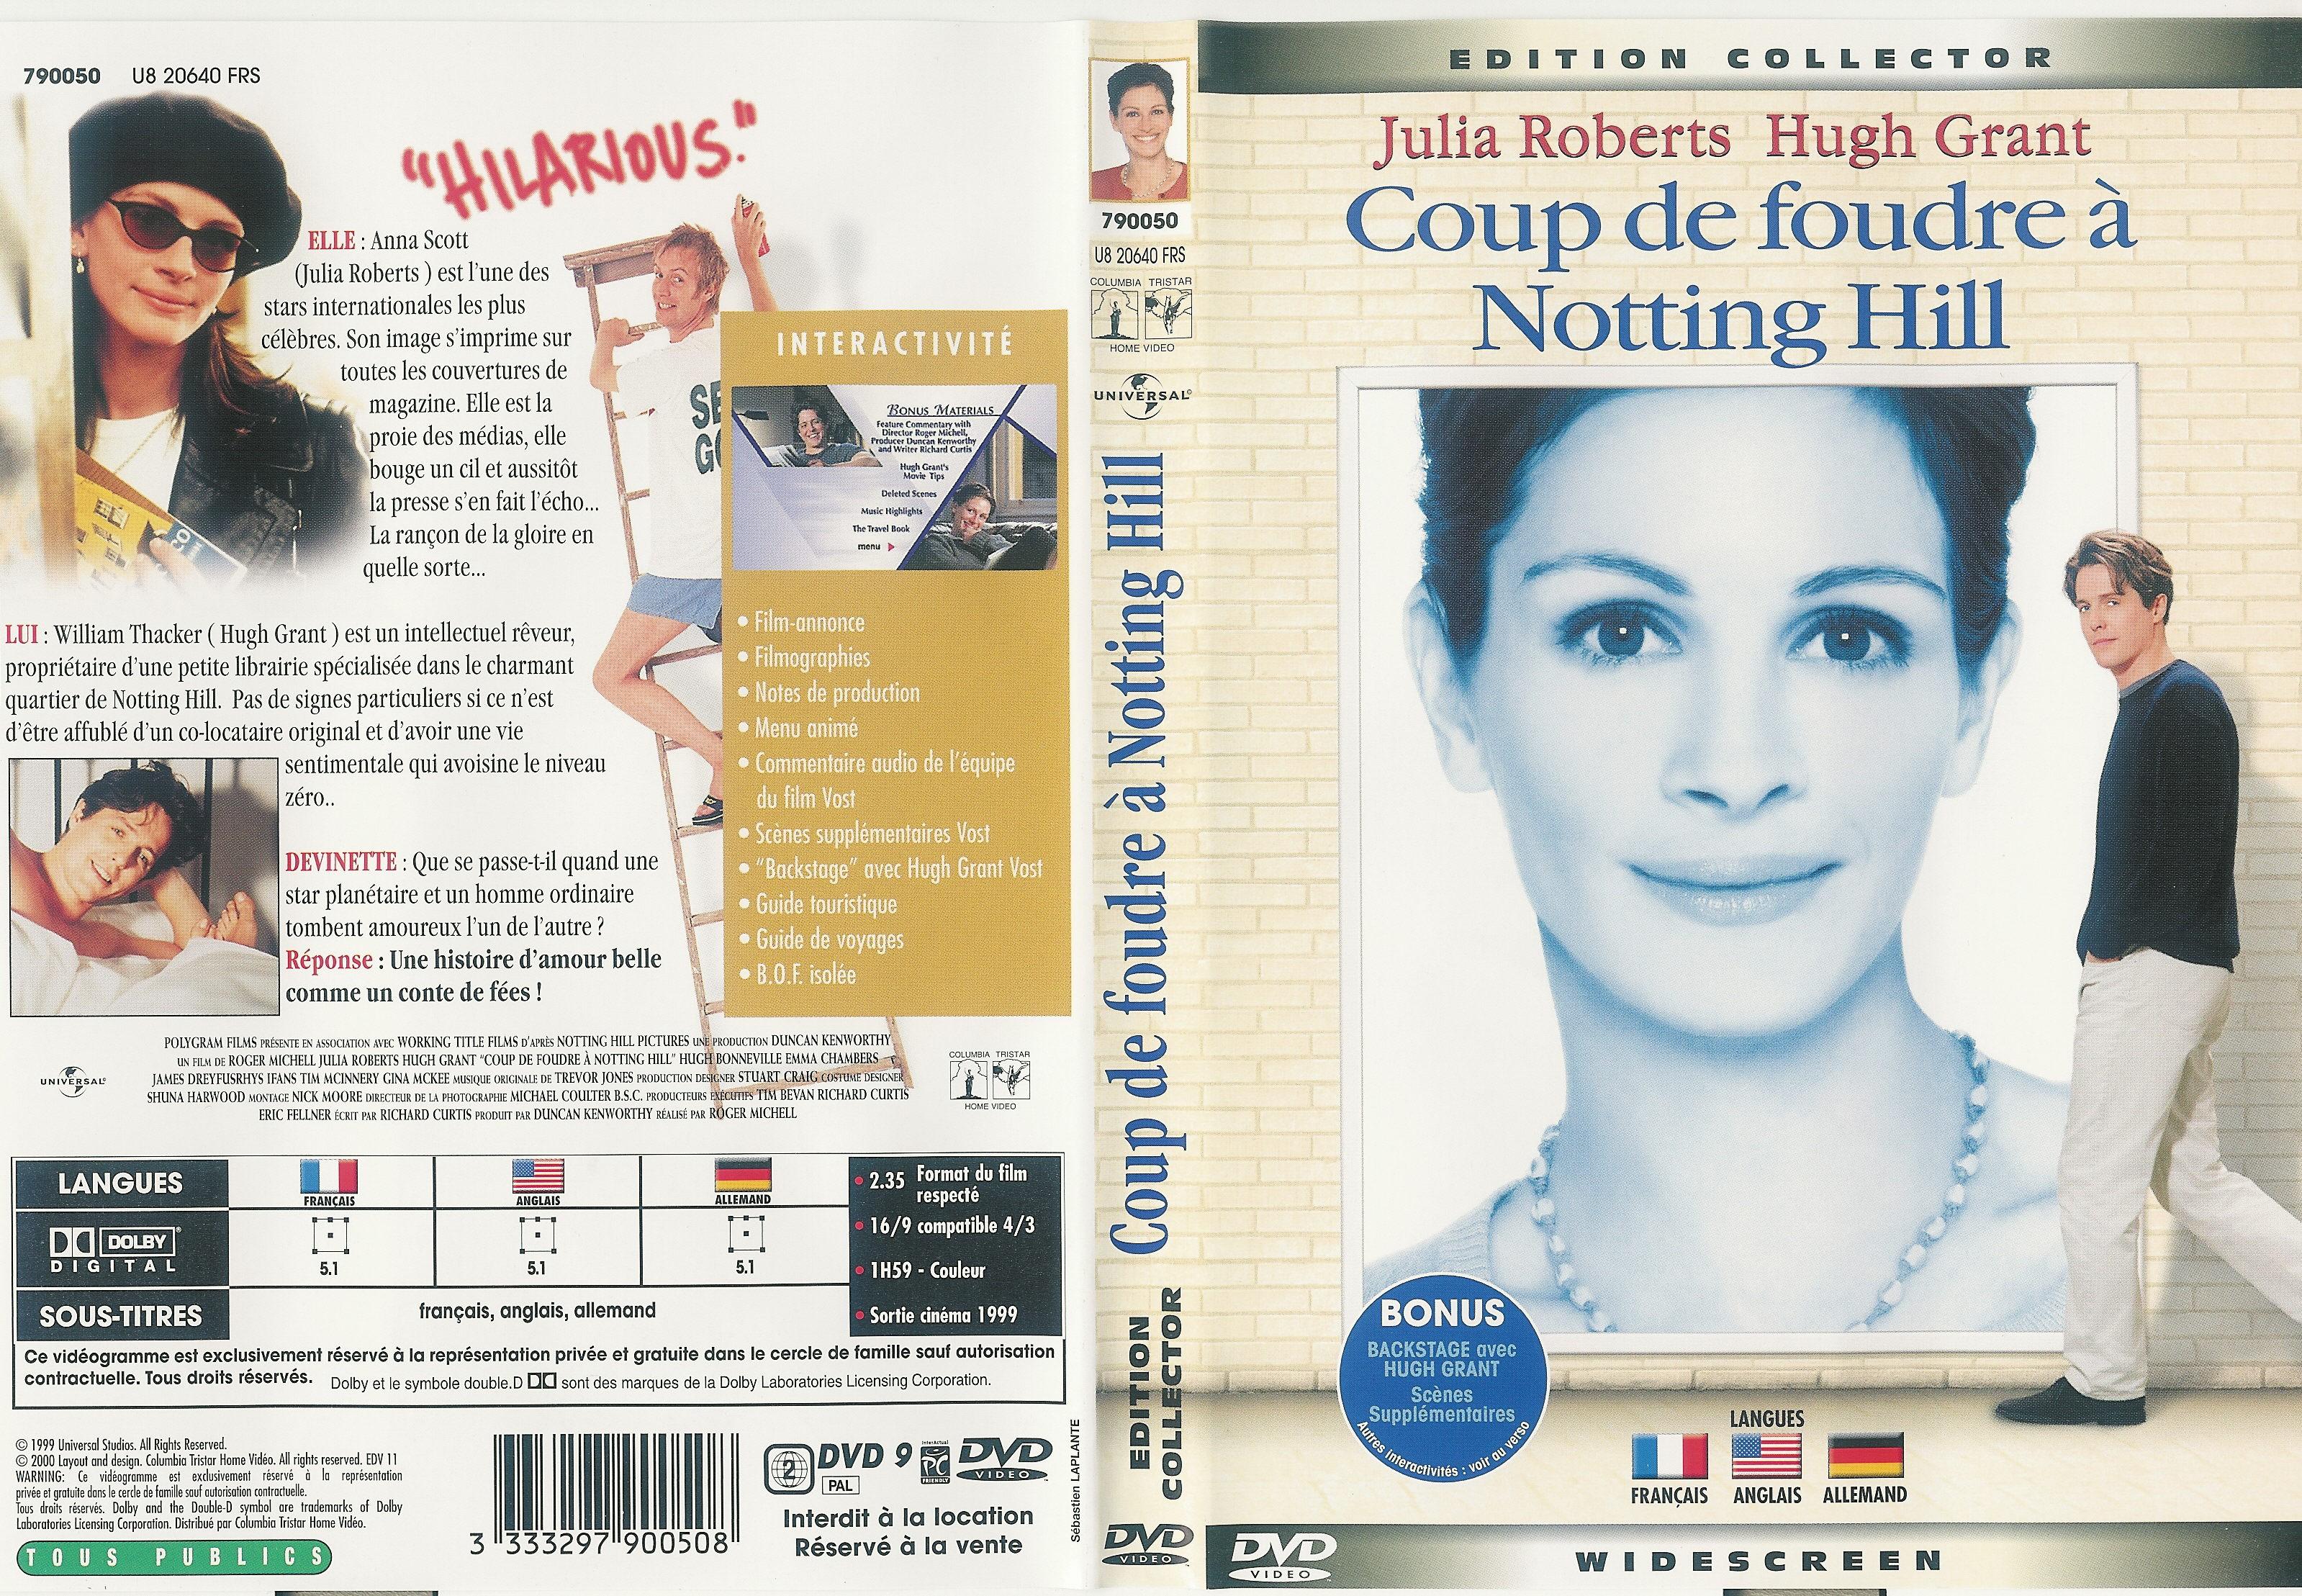 Coup de foudre notting hill dvd jeux occasion - Musique du film coup de foudre a notting hill ...